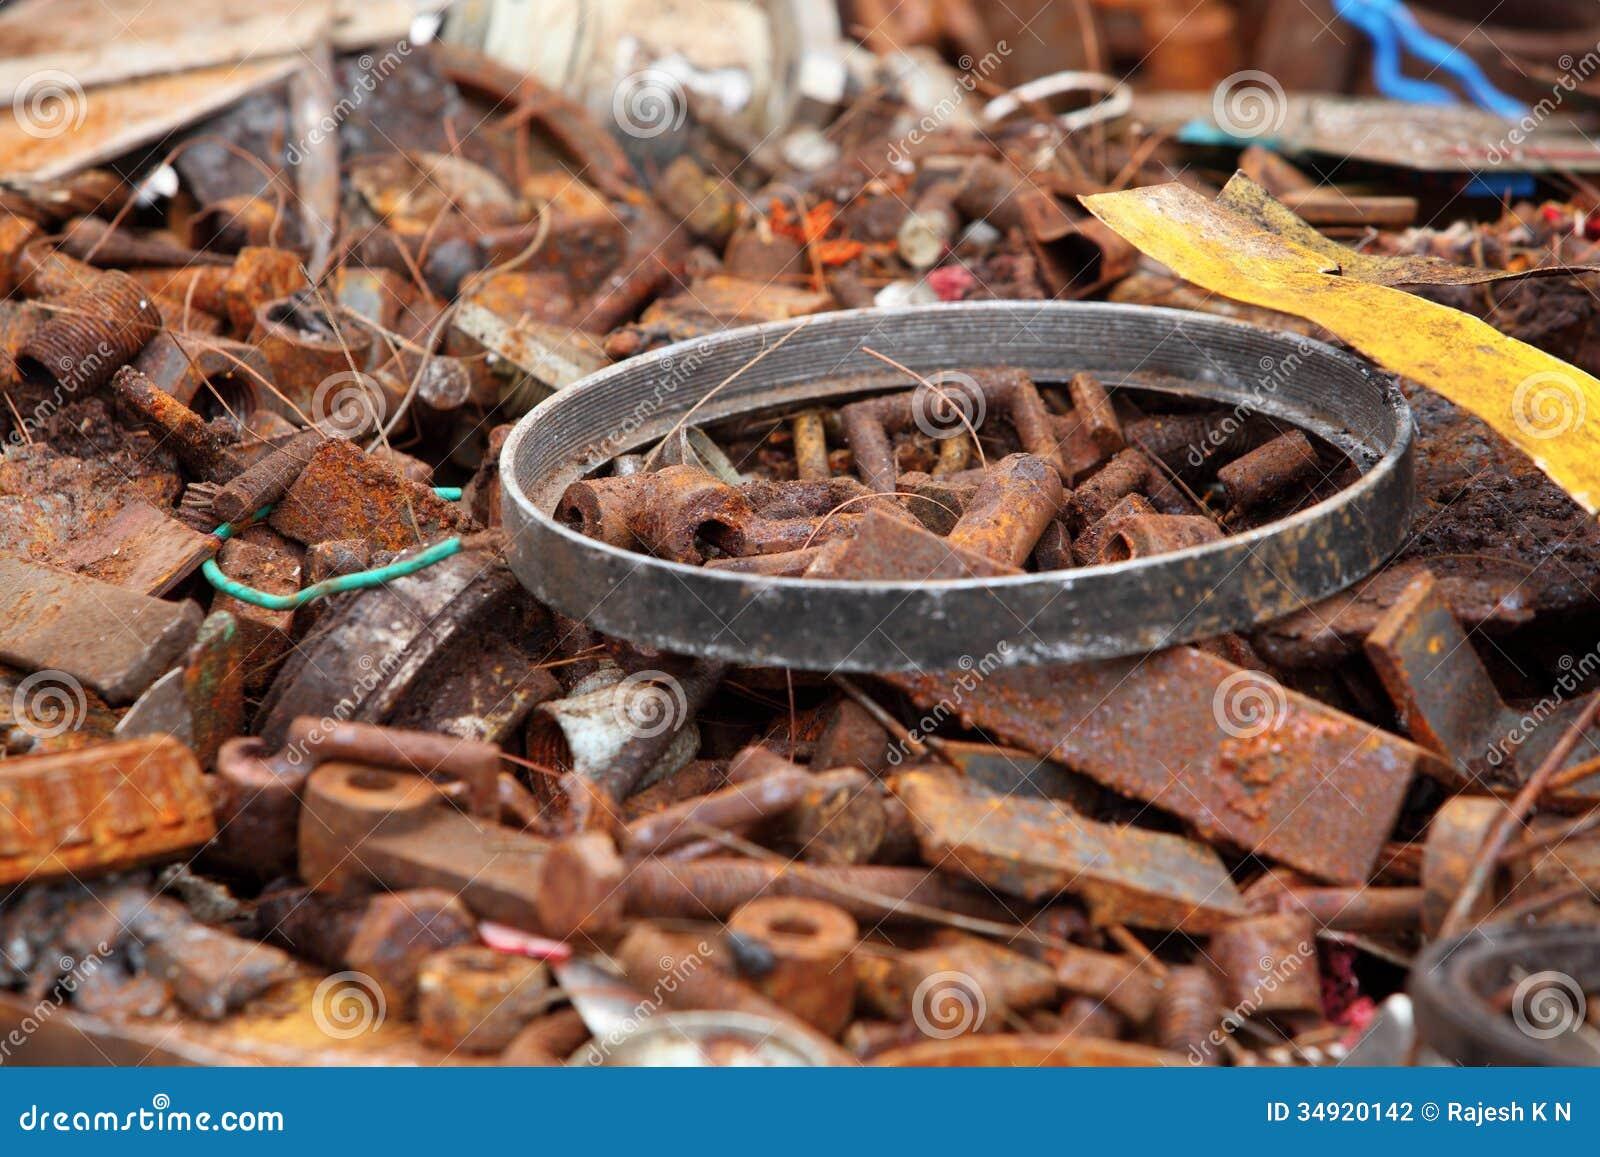 Παλιοσίδερο έτοιμο για την ανακύκλωση